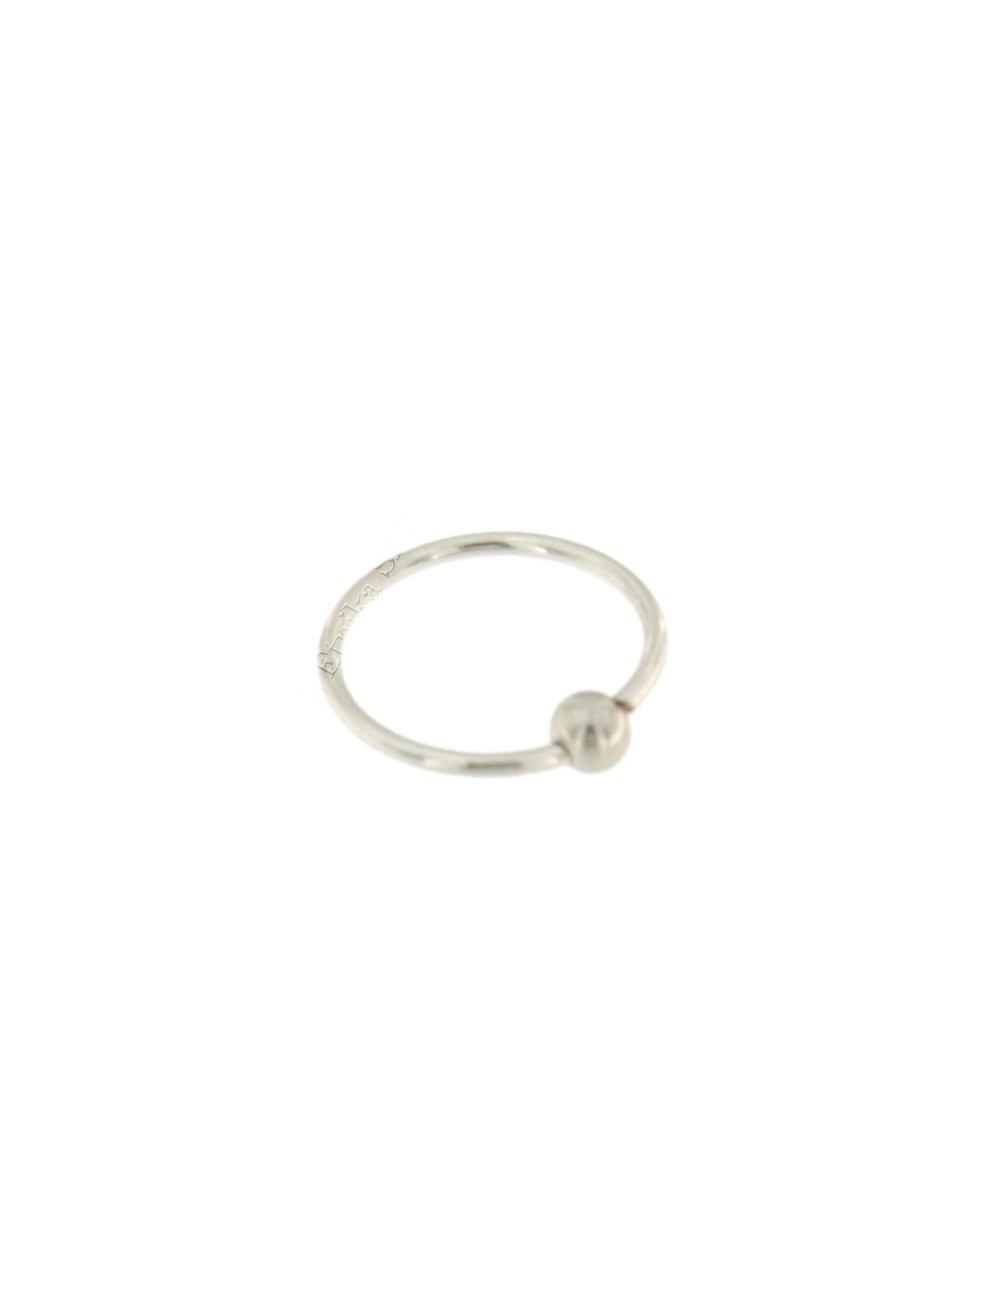 CIRCLE PRC-CAP05_0.8X7 - Oriente Import S.r.l.